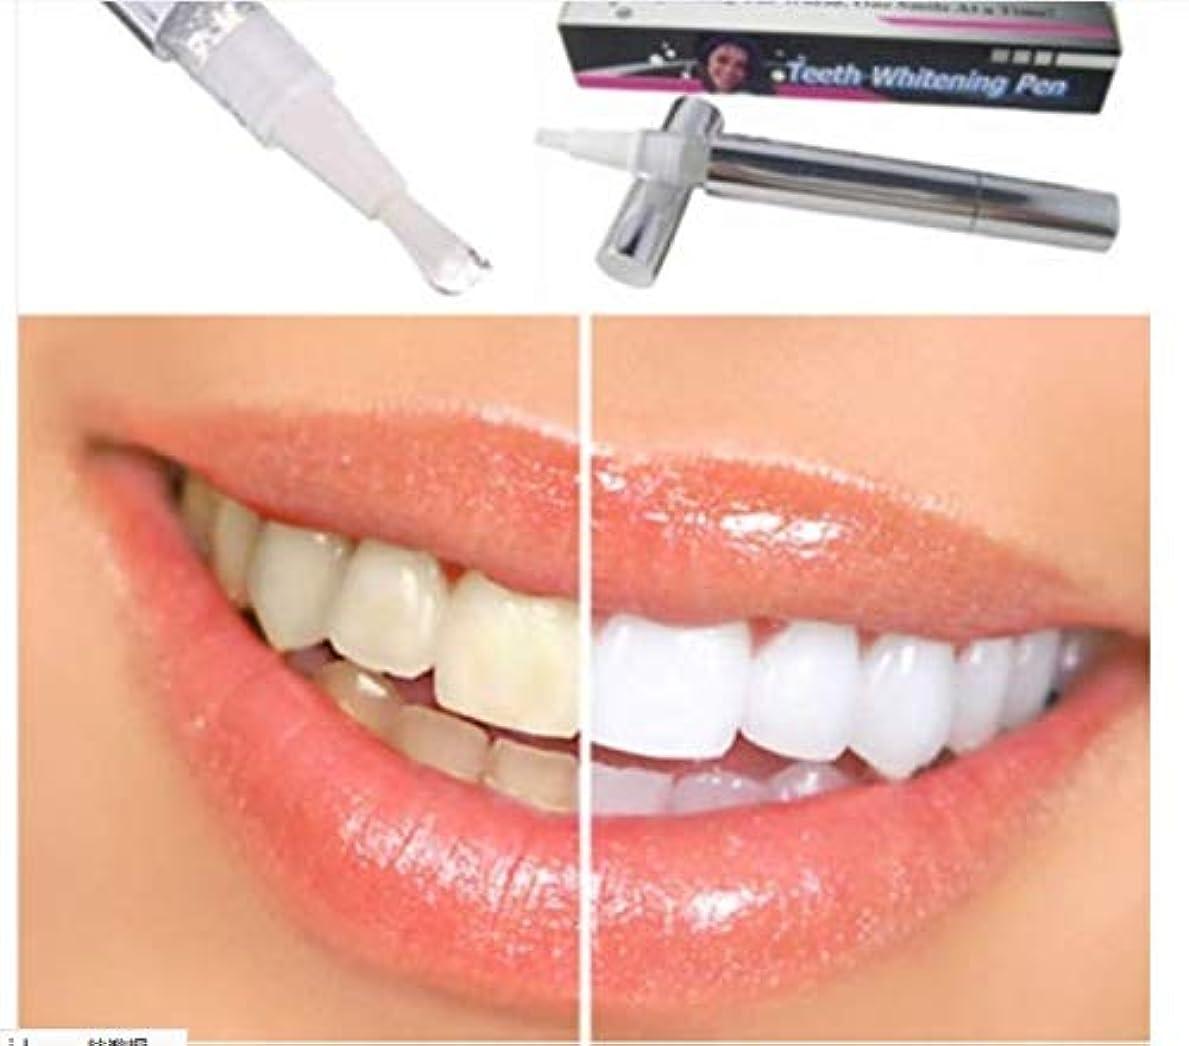 入射賃金こっそりホワイトニングペン型真っ白な歯 ホワイトニングペン 歯の白い漂白剤 瞬間汚れ消しゴムリムーバー